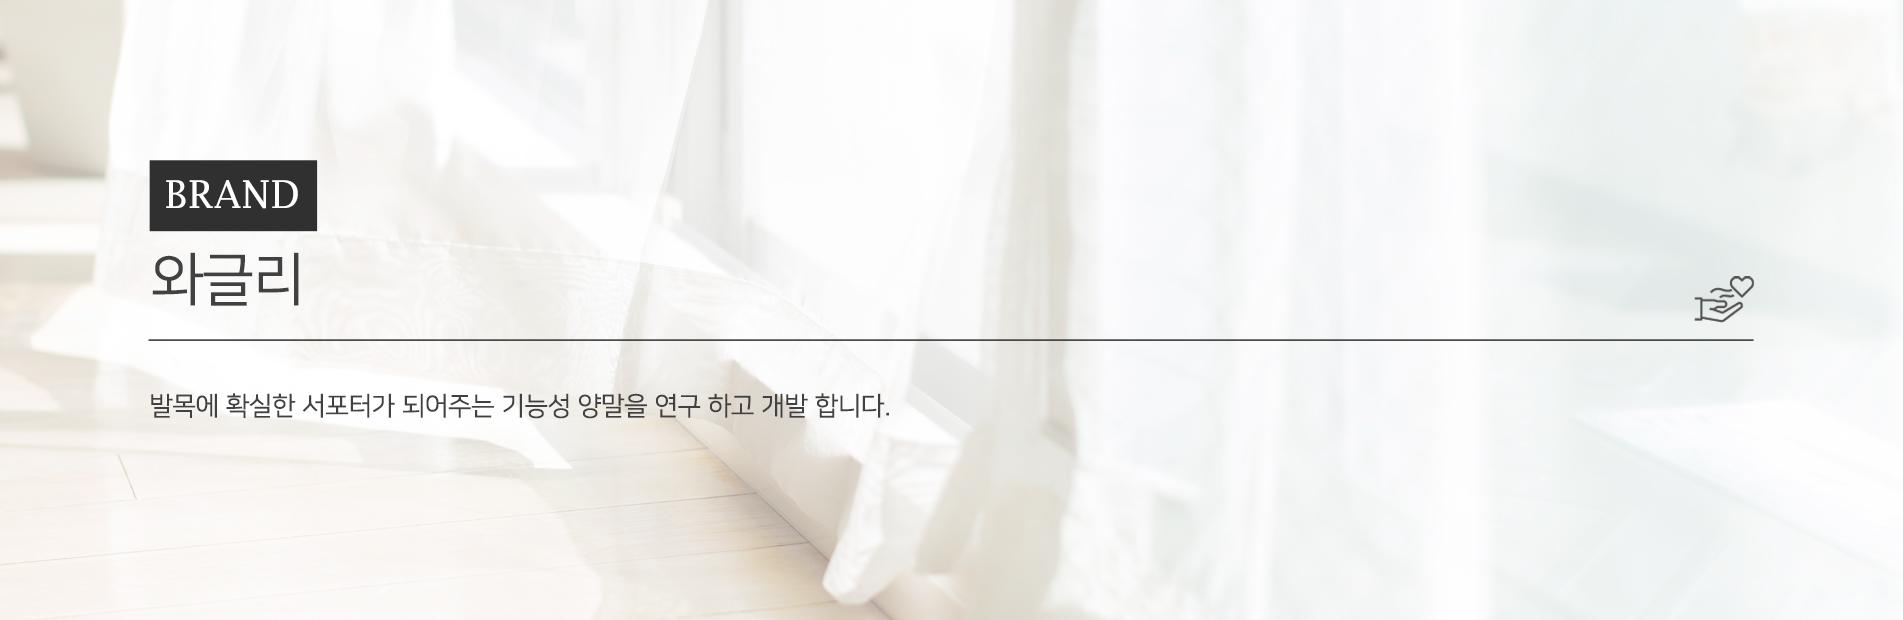 30밀리스토어 소셜가 와글리 브랜드 소개